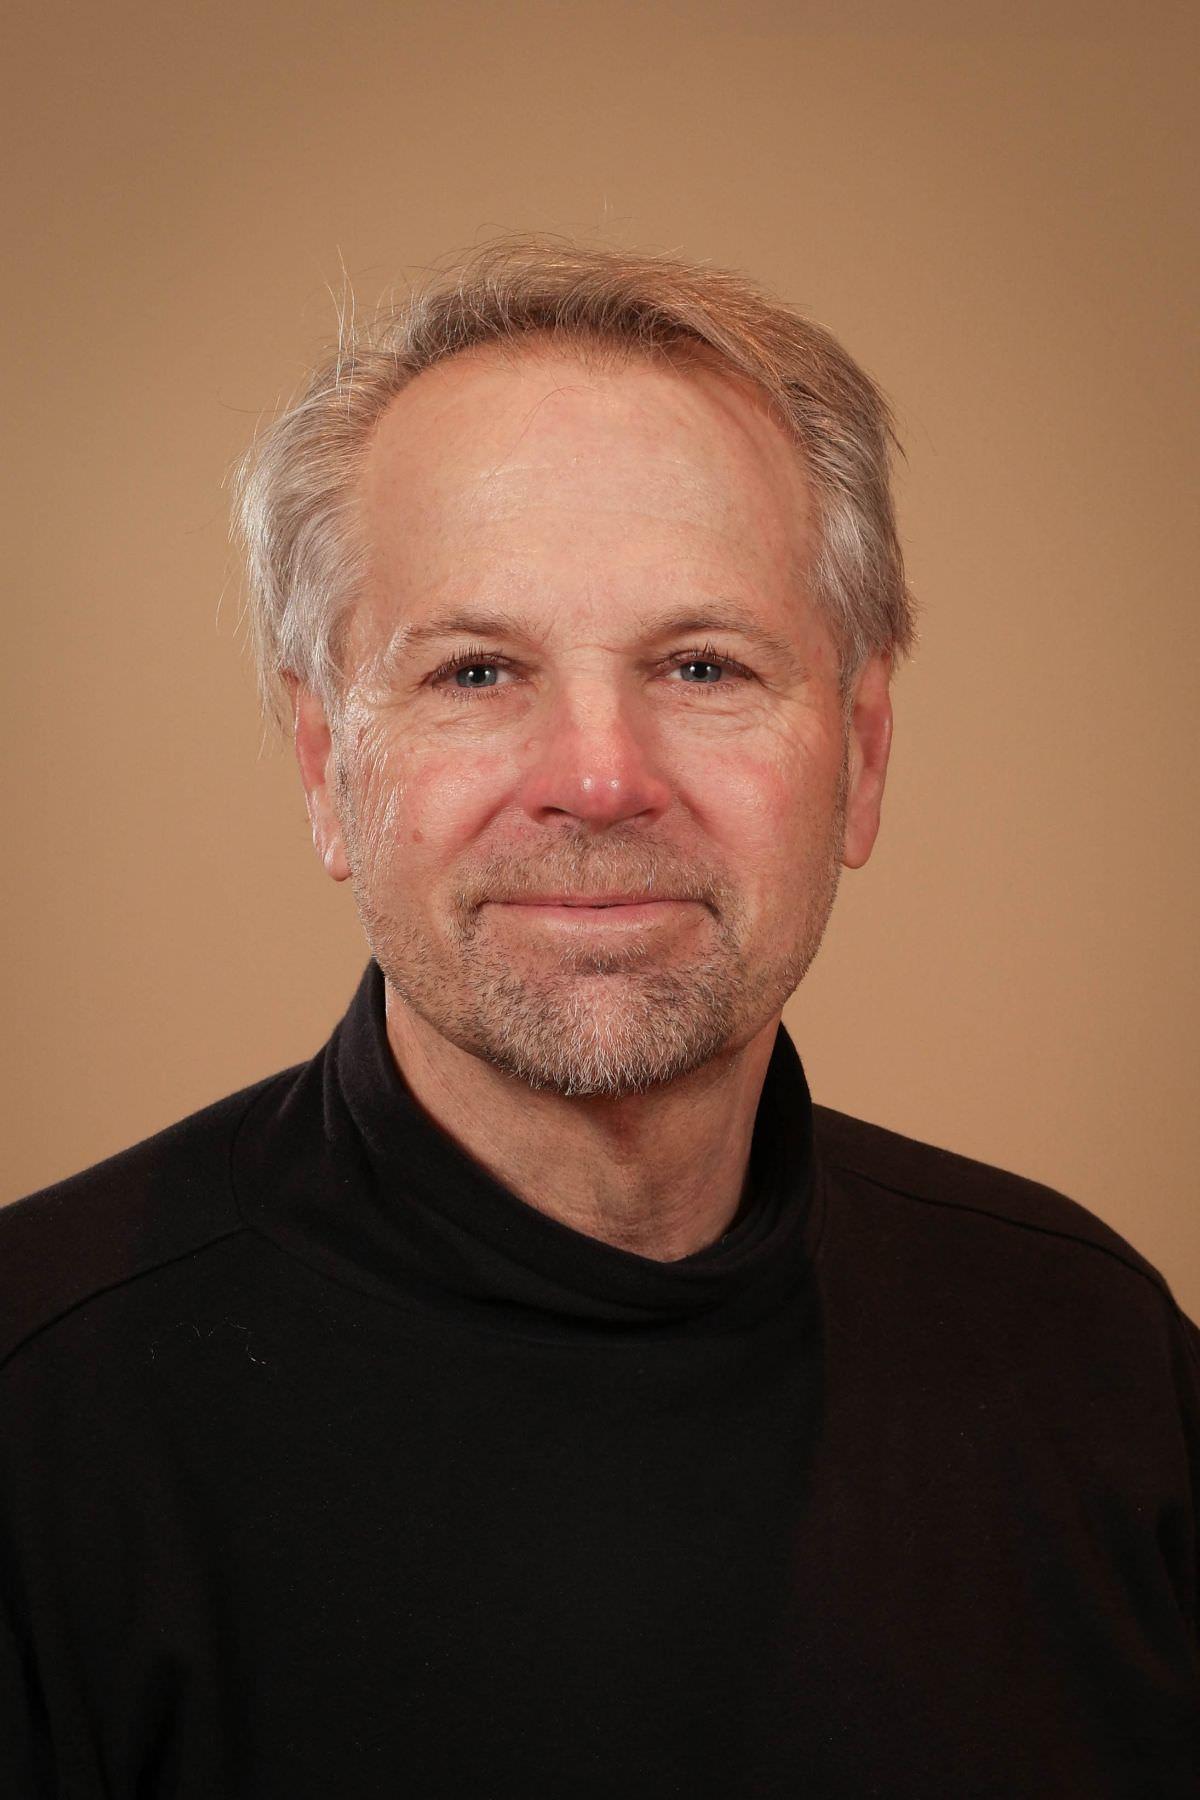 Dean Brodt